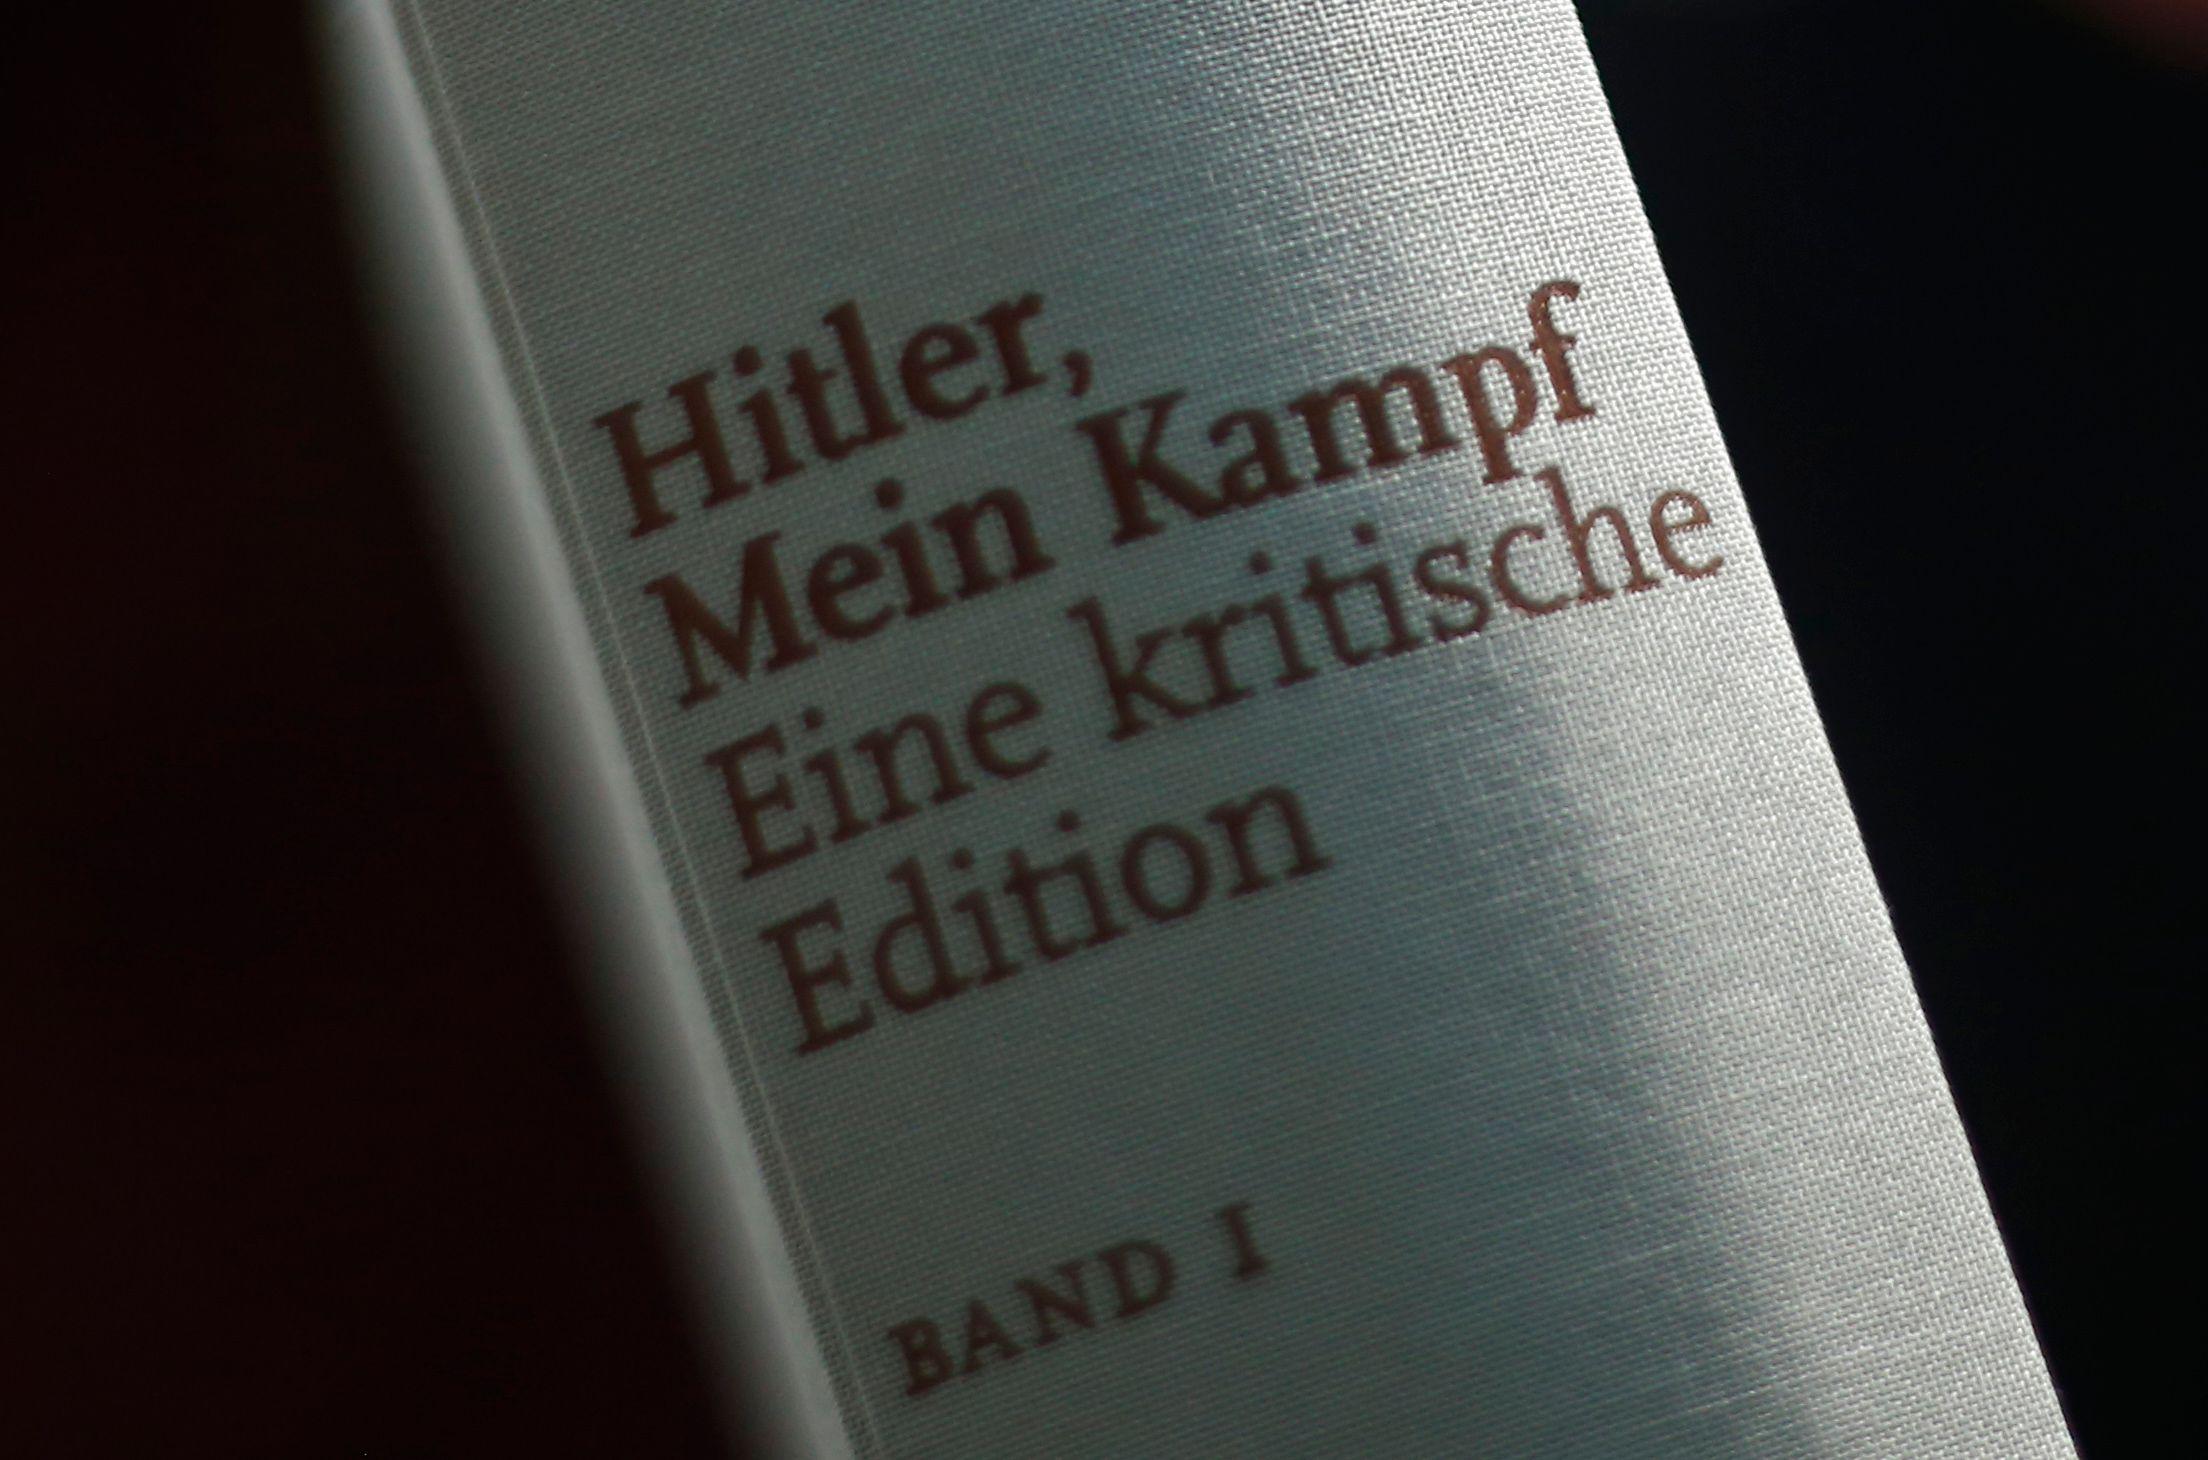 Cologne, Mein Kampf et les tabous allemands